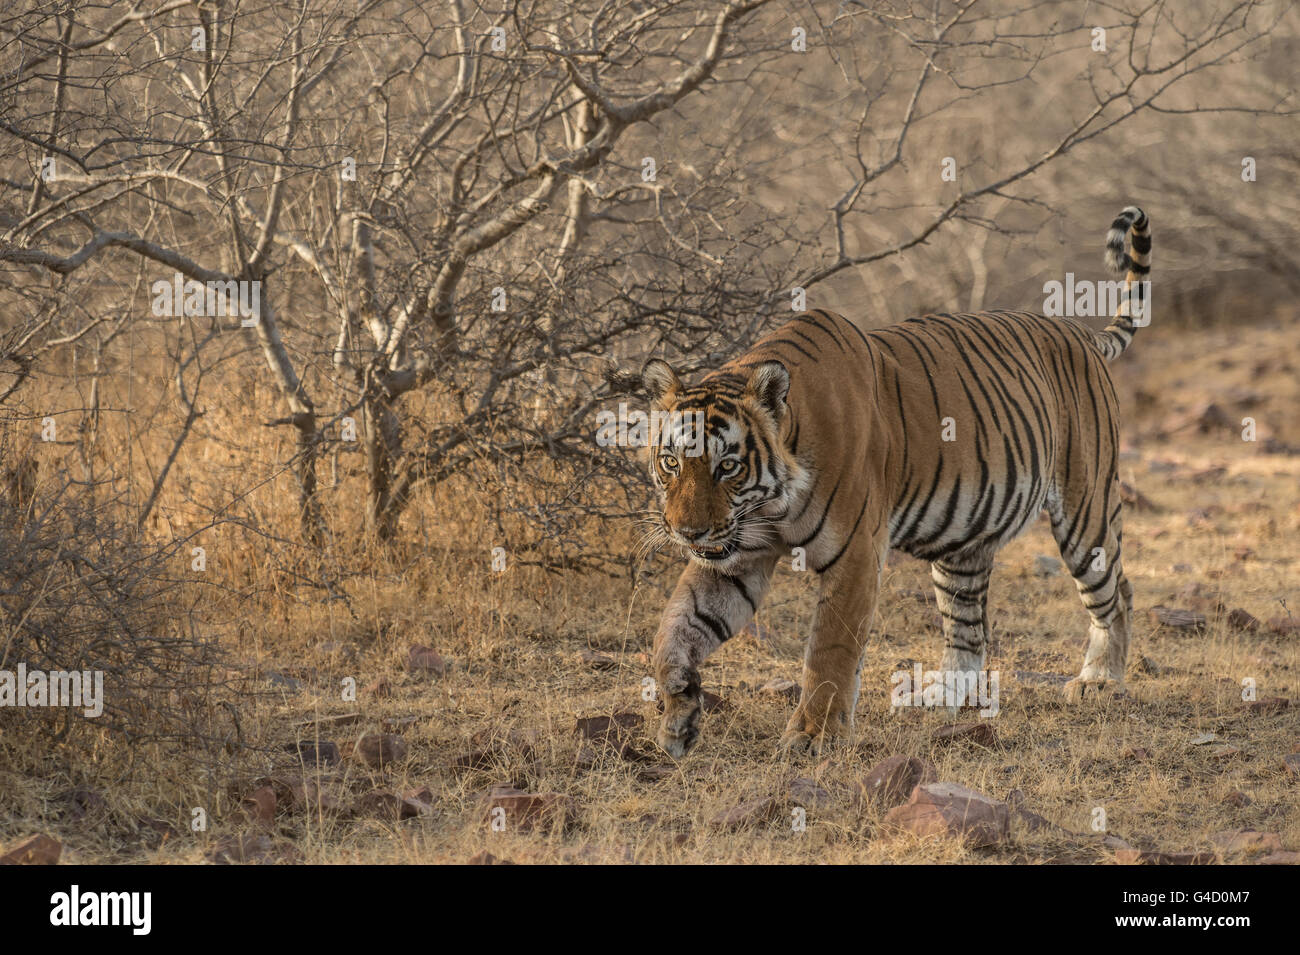 Bengal tiger (Panthera tigris tigris), Ranthambore National Park, India, Asia - Stock Image